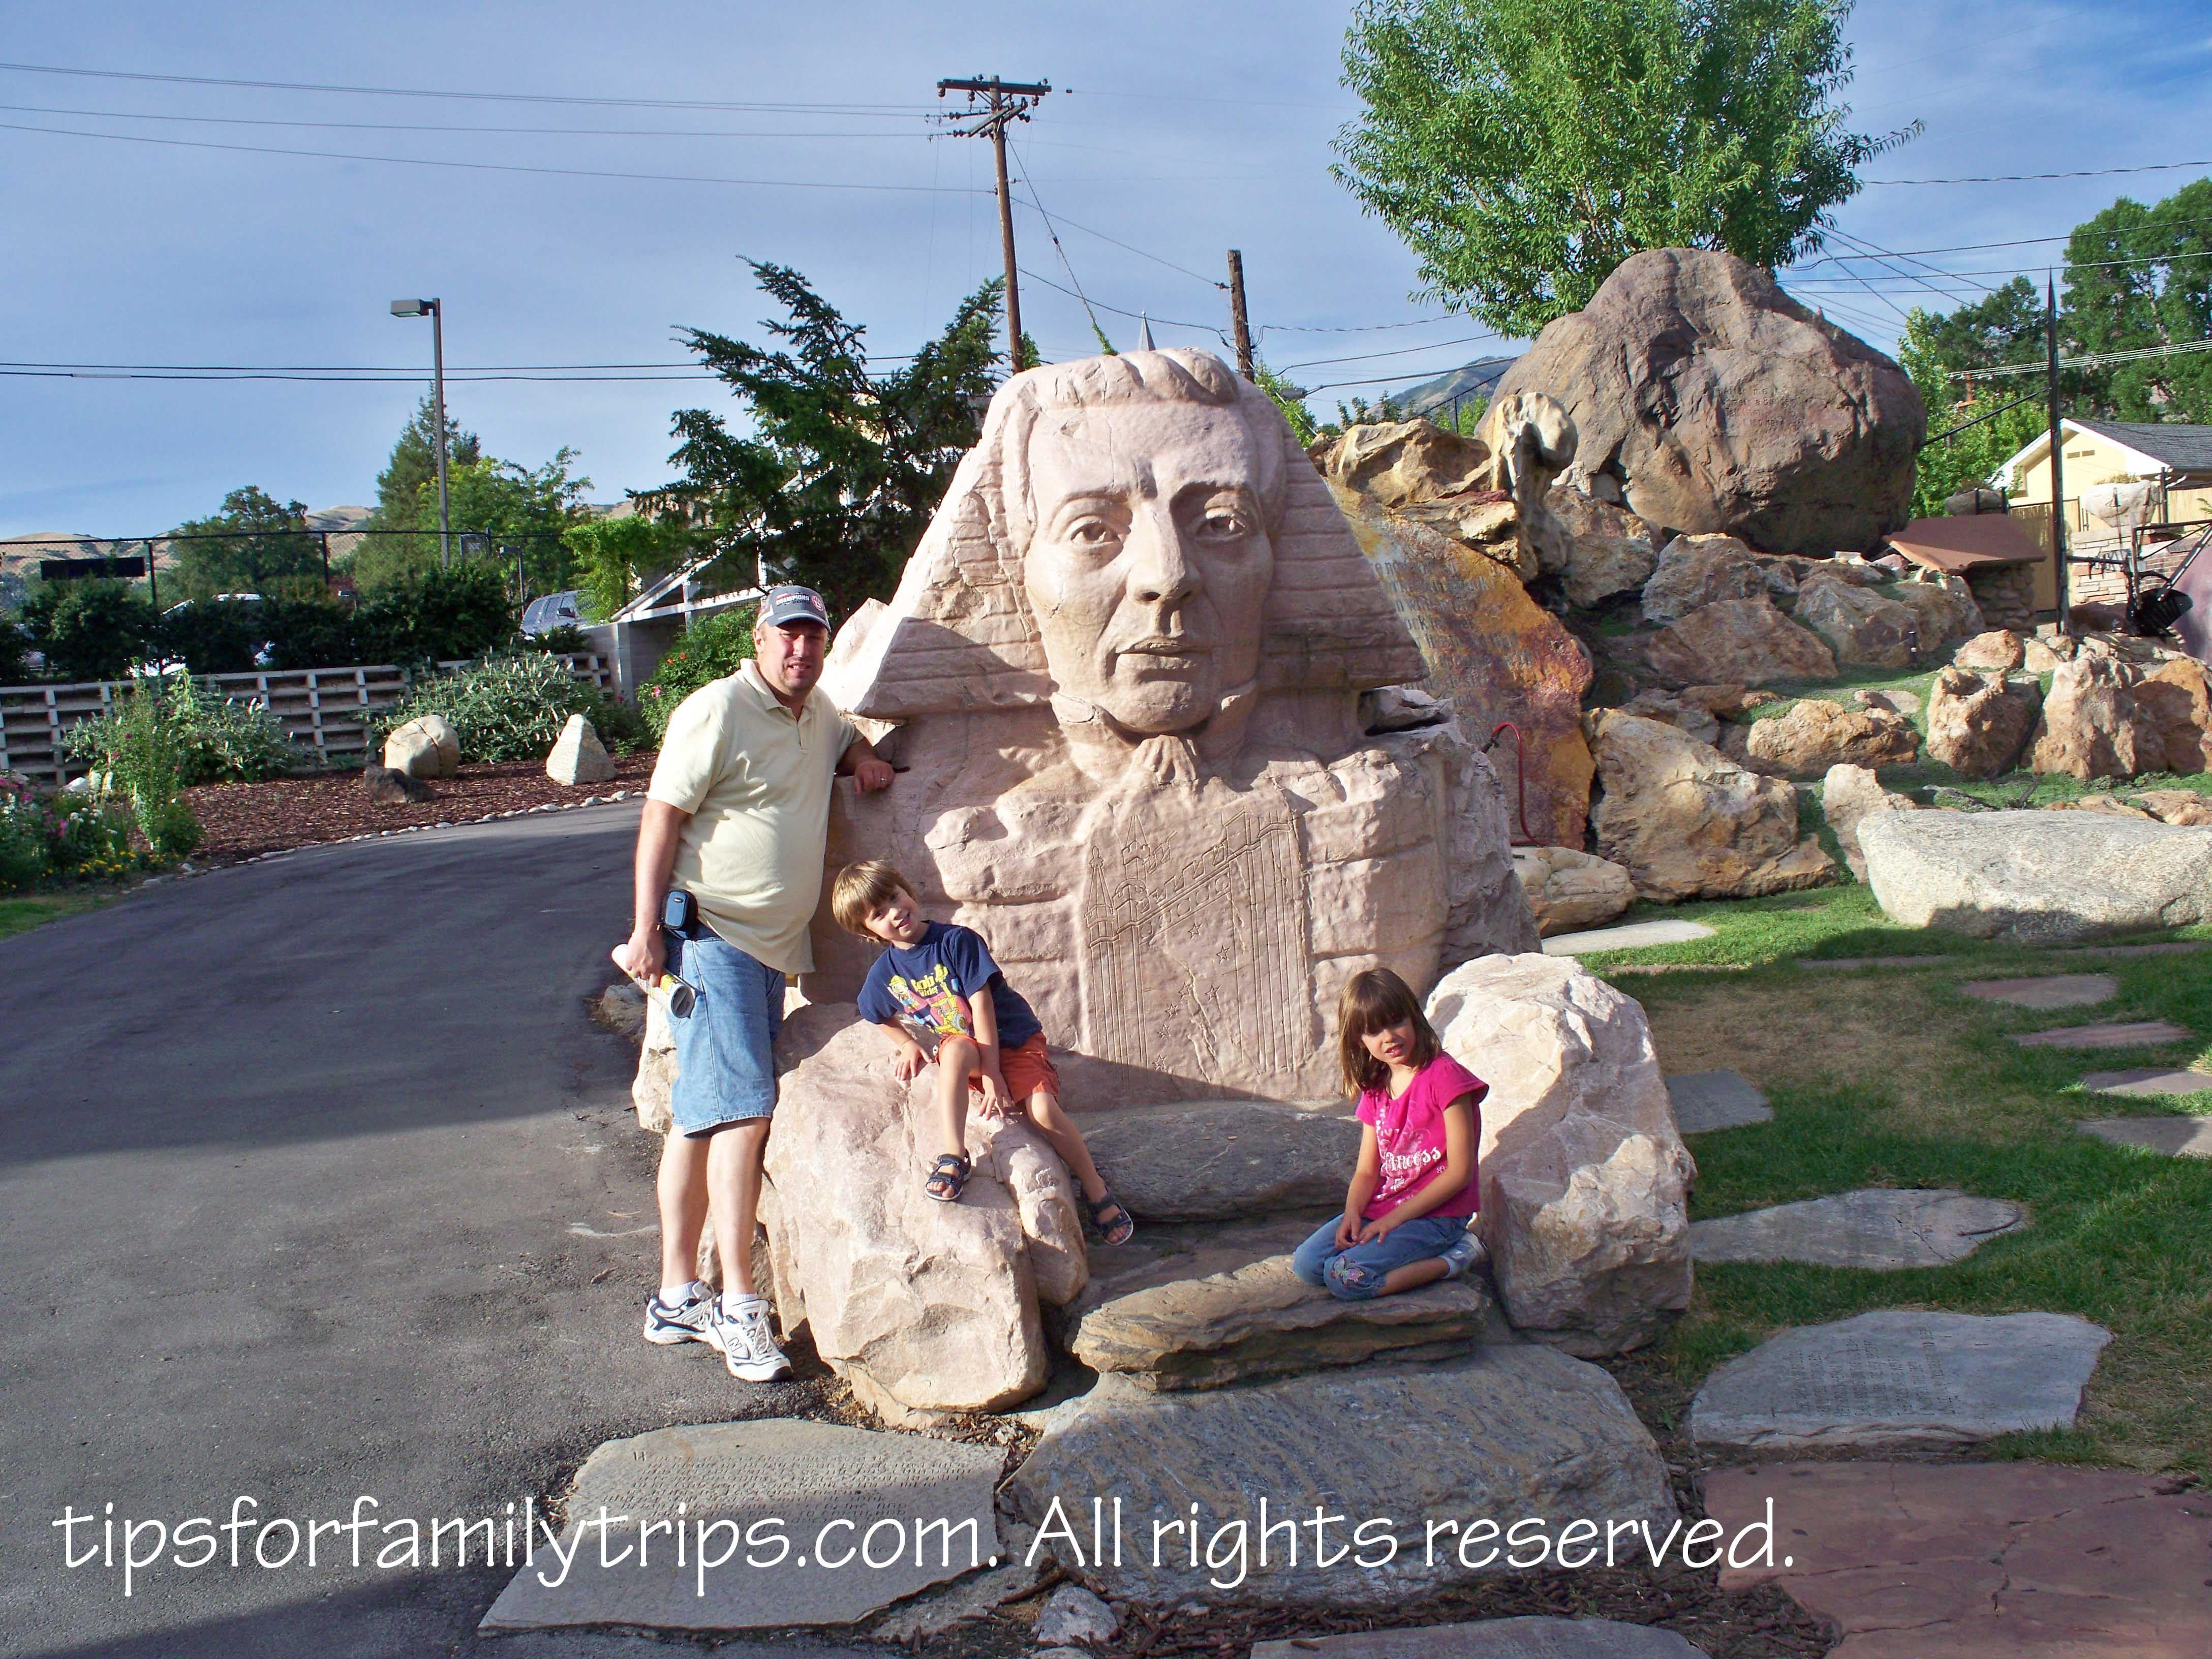 e5ba384b3dae1ee13d6f1053f70f3676 - Gilgal Gardens Salt Lake City Utah